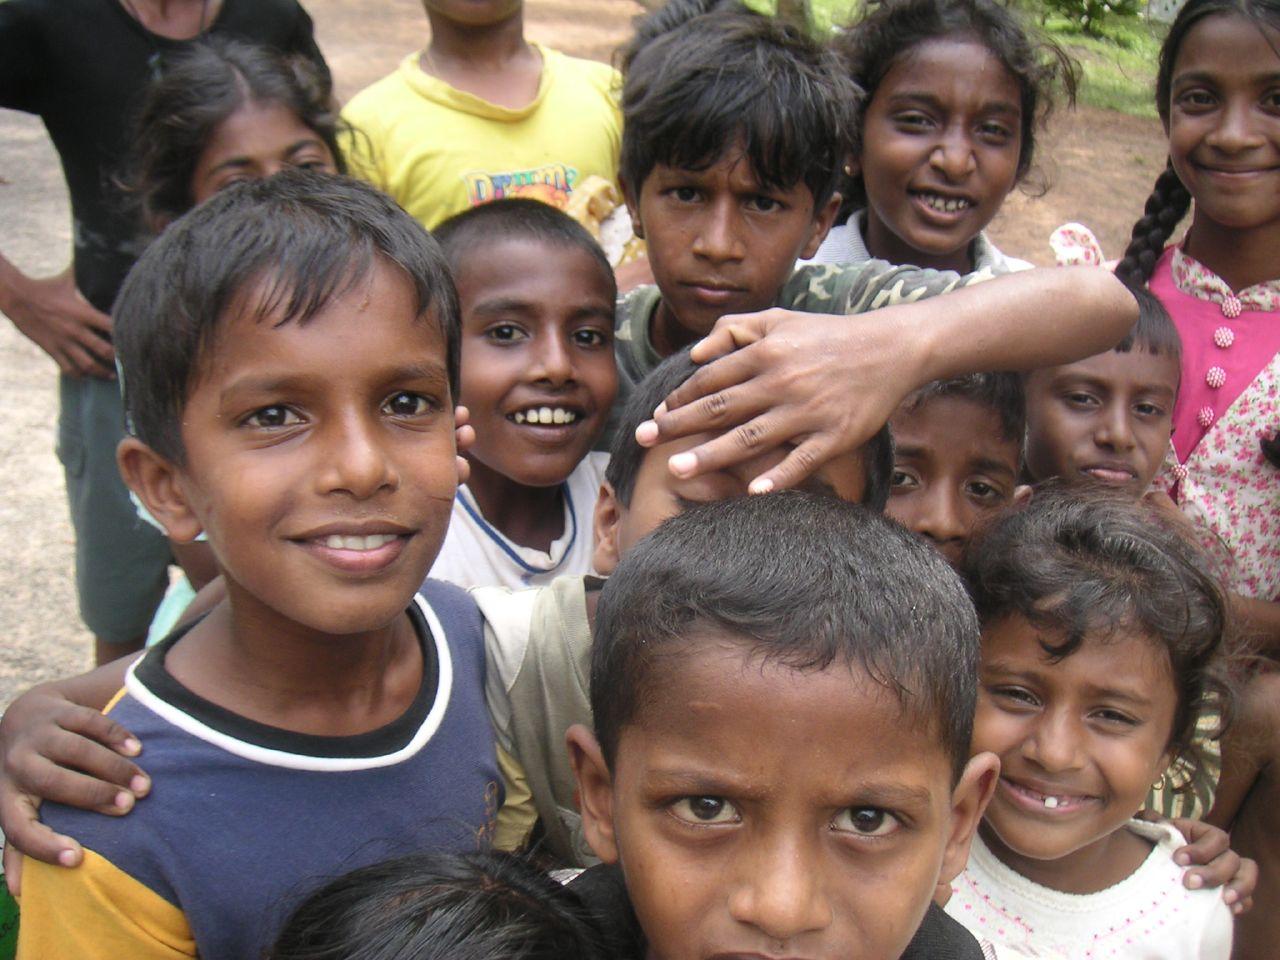 Flüchtlinge bekommen Privatschulbesuch geschenkt